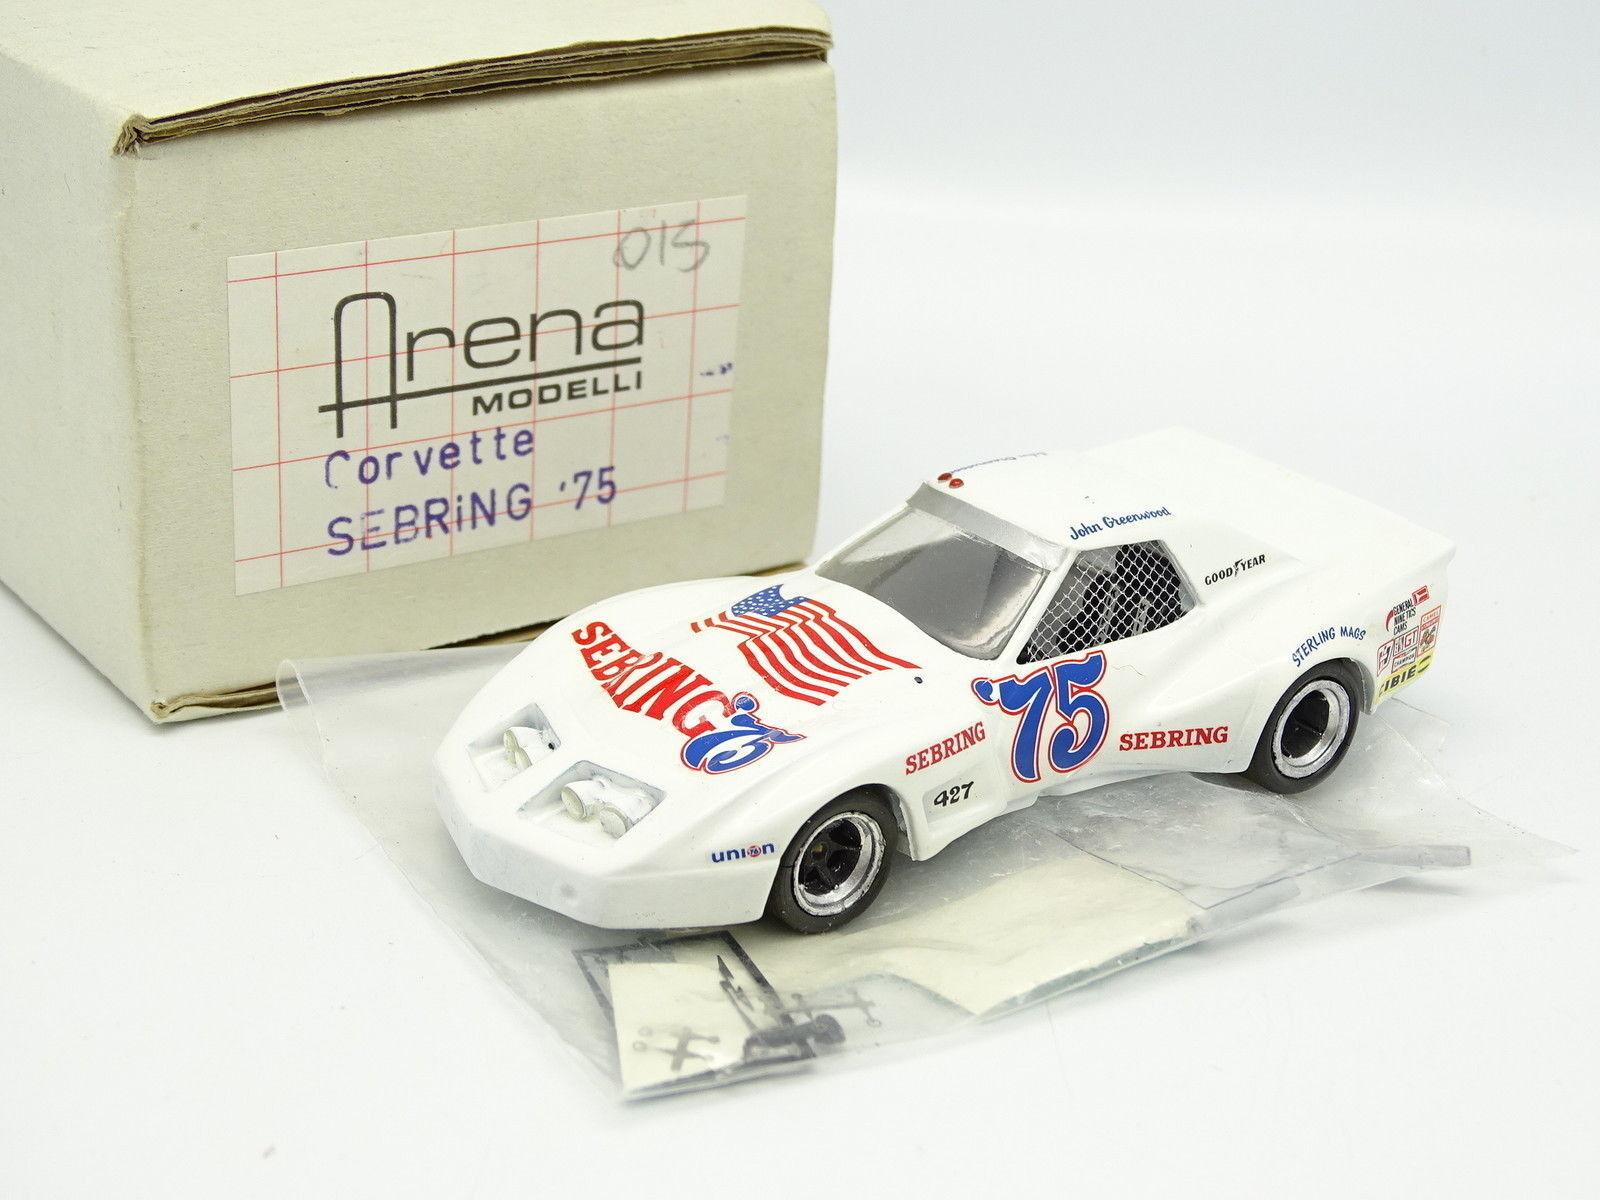 Arena Kit à Monter 1 43 - Chevrolet Corvette Sebring 1975